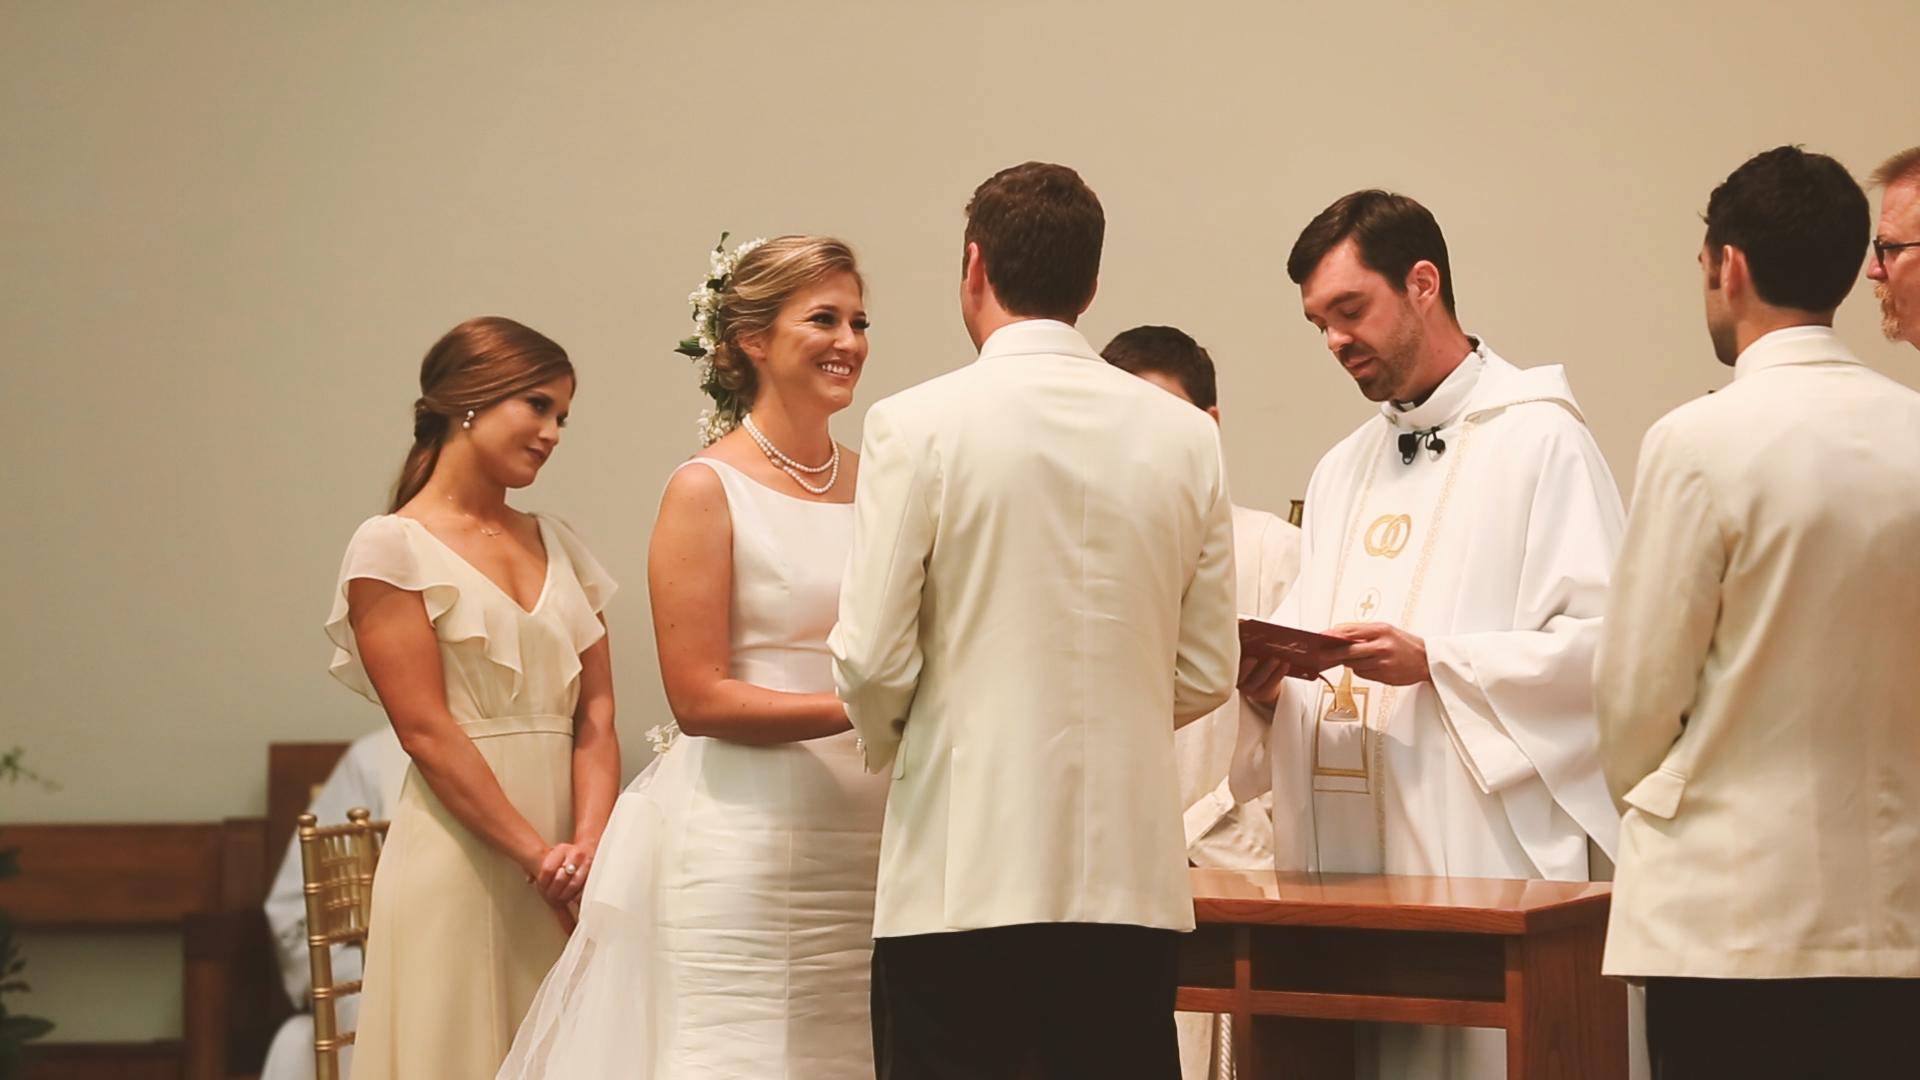 Bride Vows in Church - Bride Film